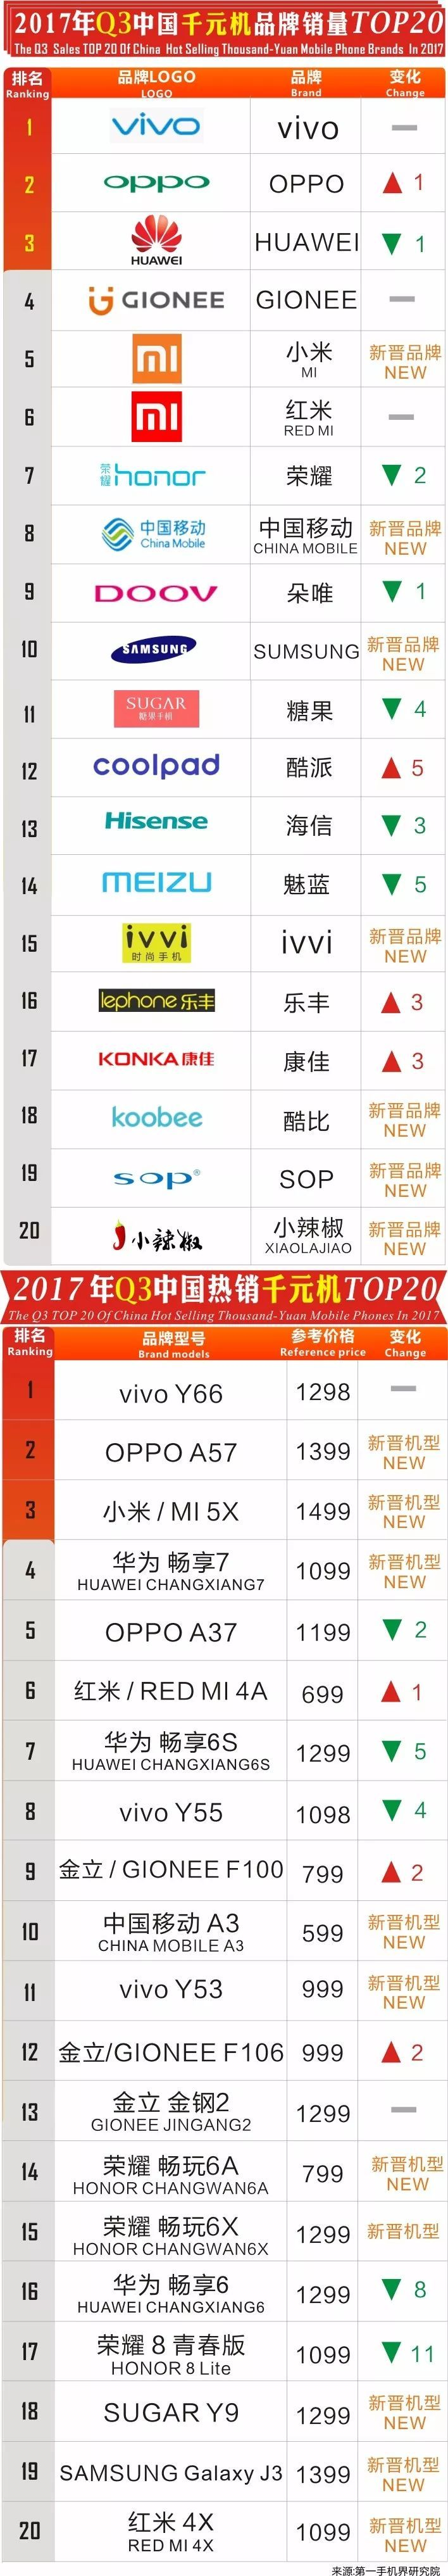 酷比排行榜_酷比魔方iPlay20获京东618千元内平板排行榜一